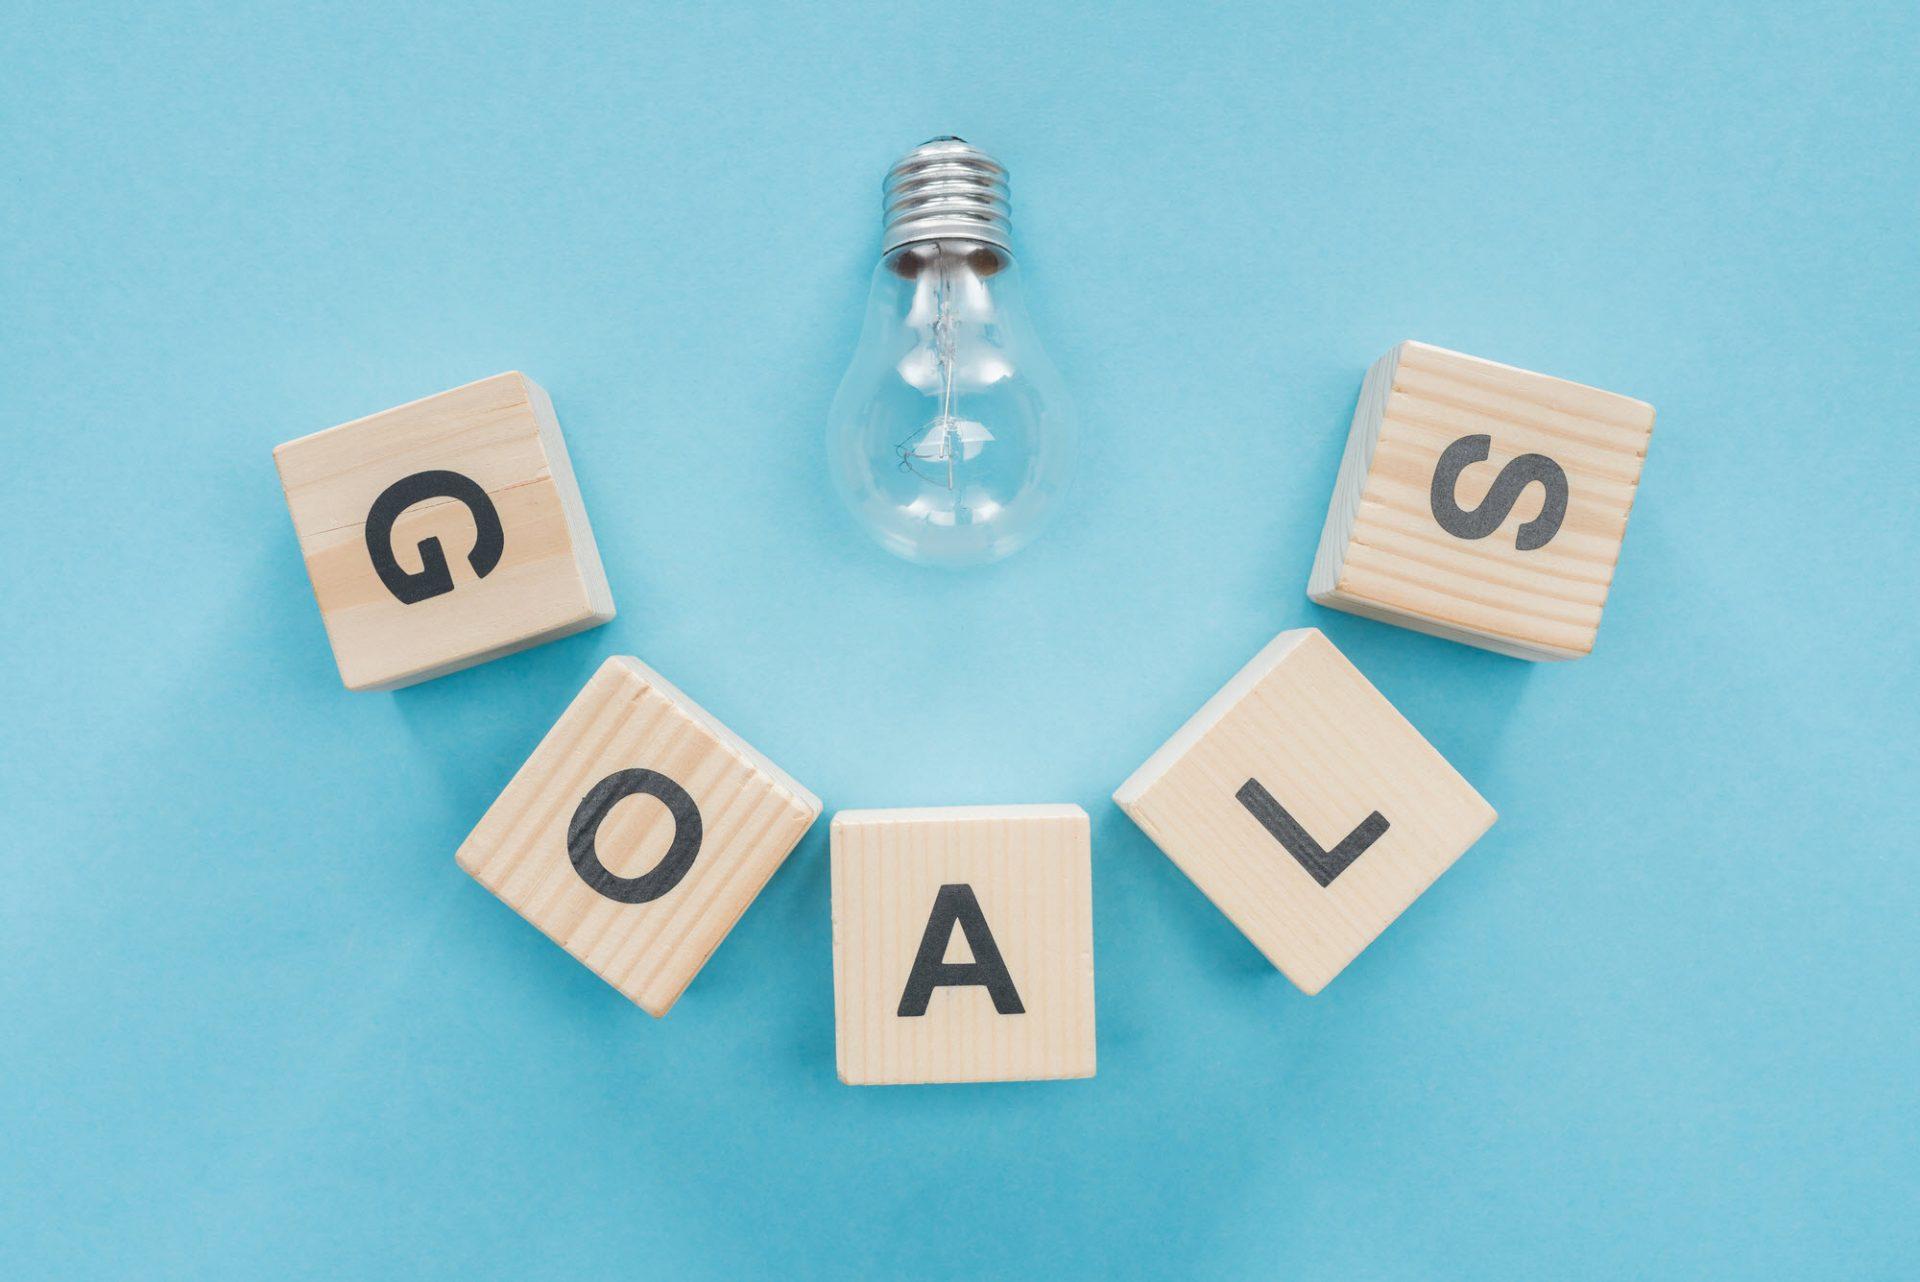 Στόχοι και μία λάμπα